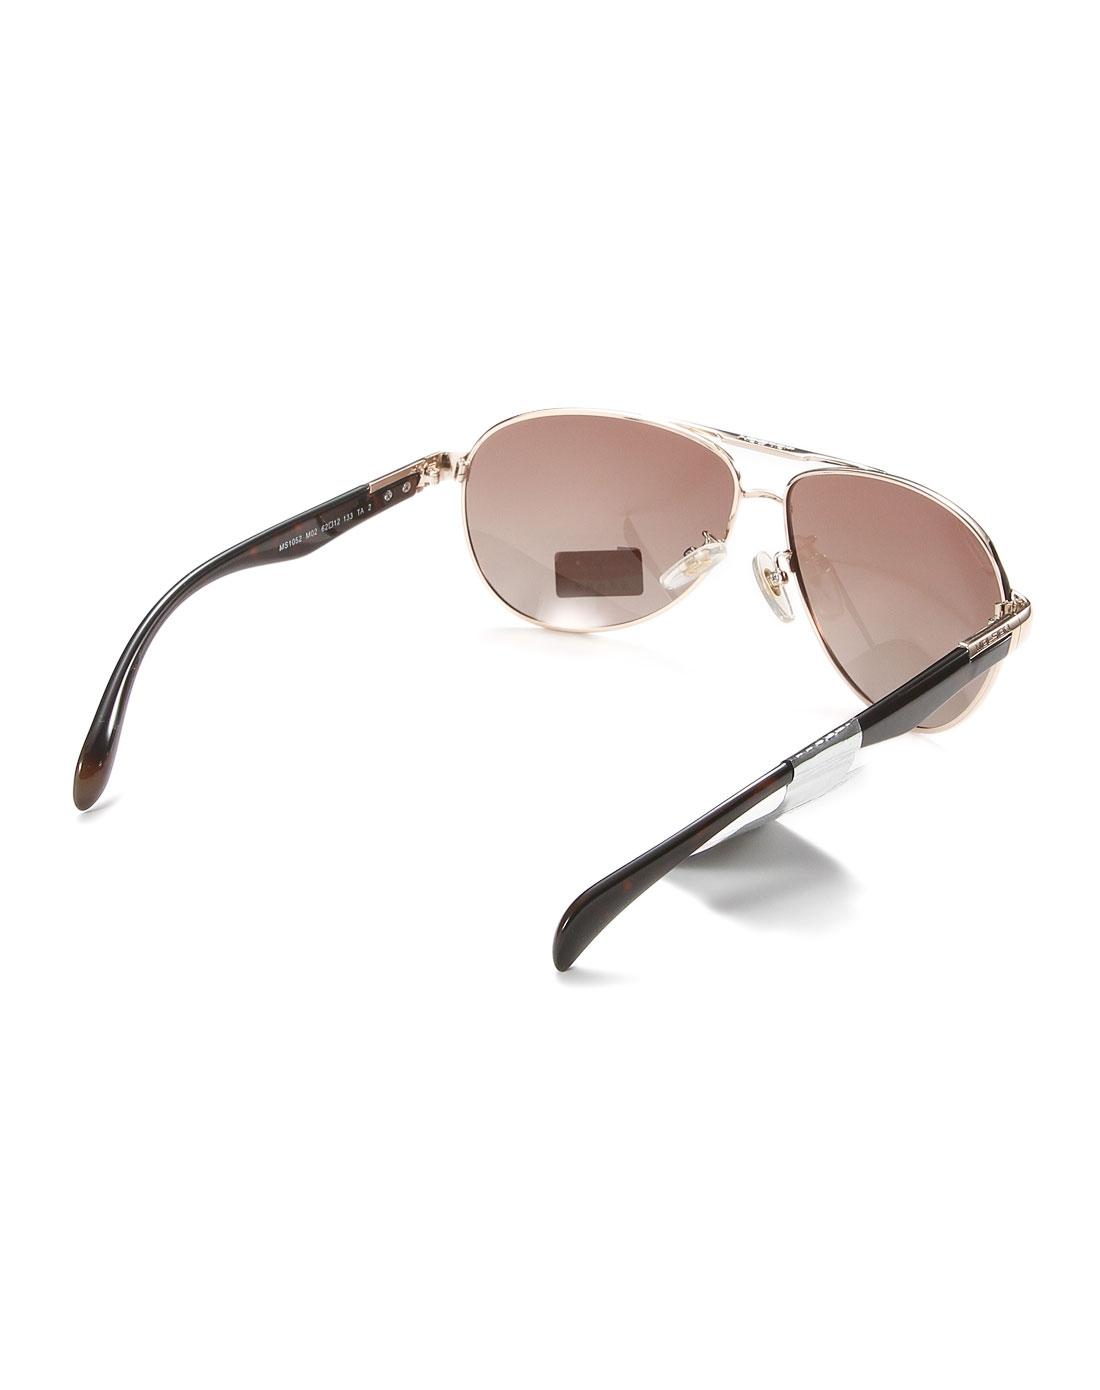 陌森molsion眼镜专场成熟稳重型男偏光镜ms1052-m02